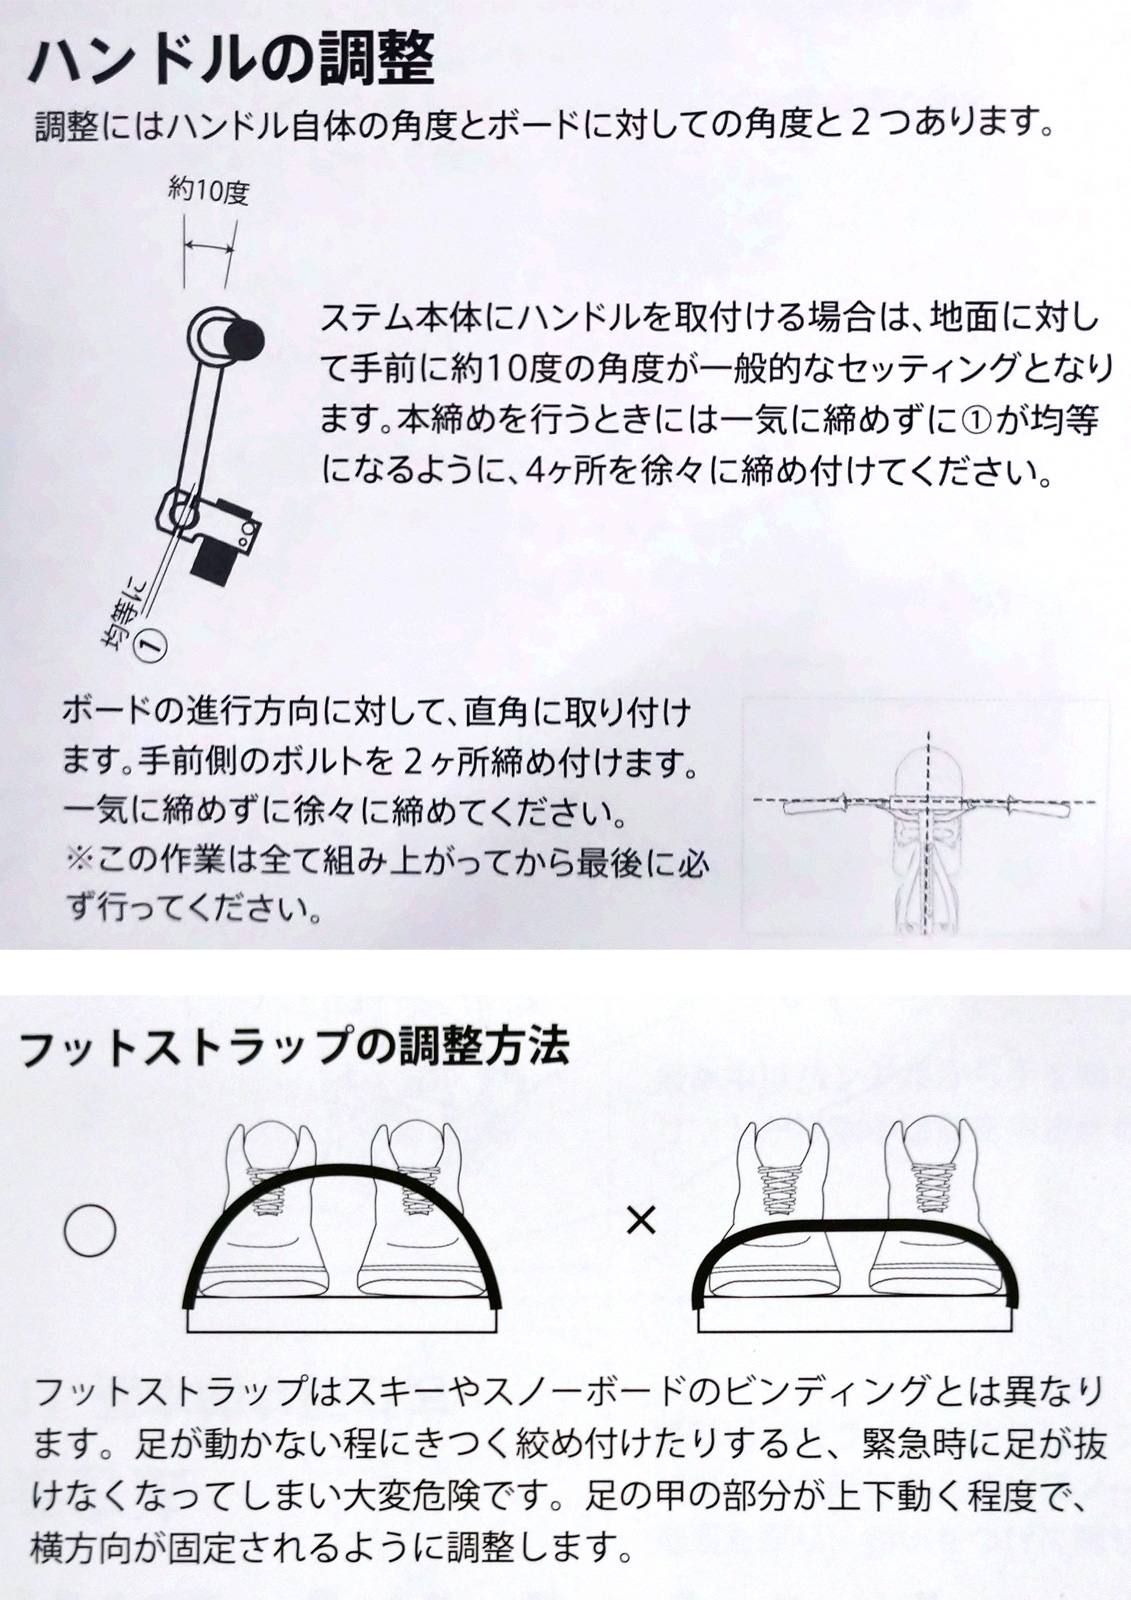 スノースクートのハンドル調整について